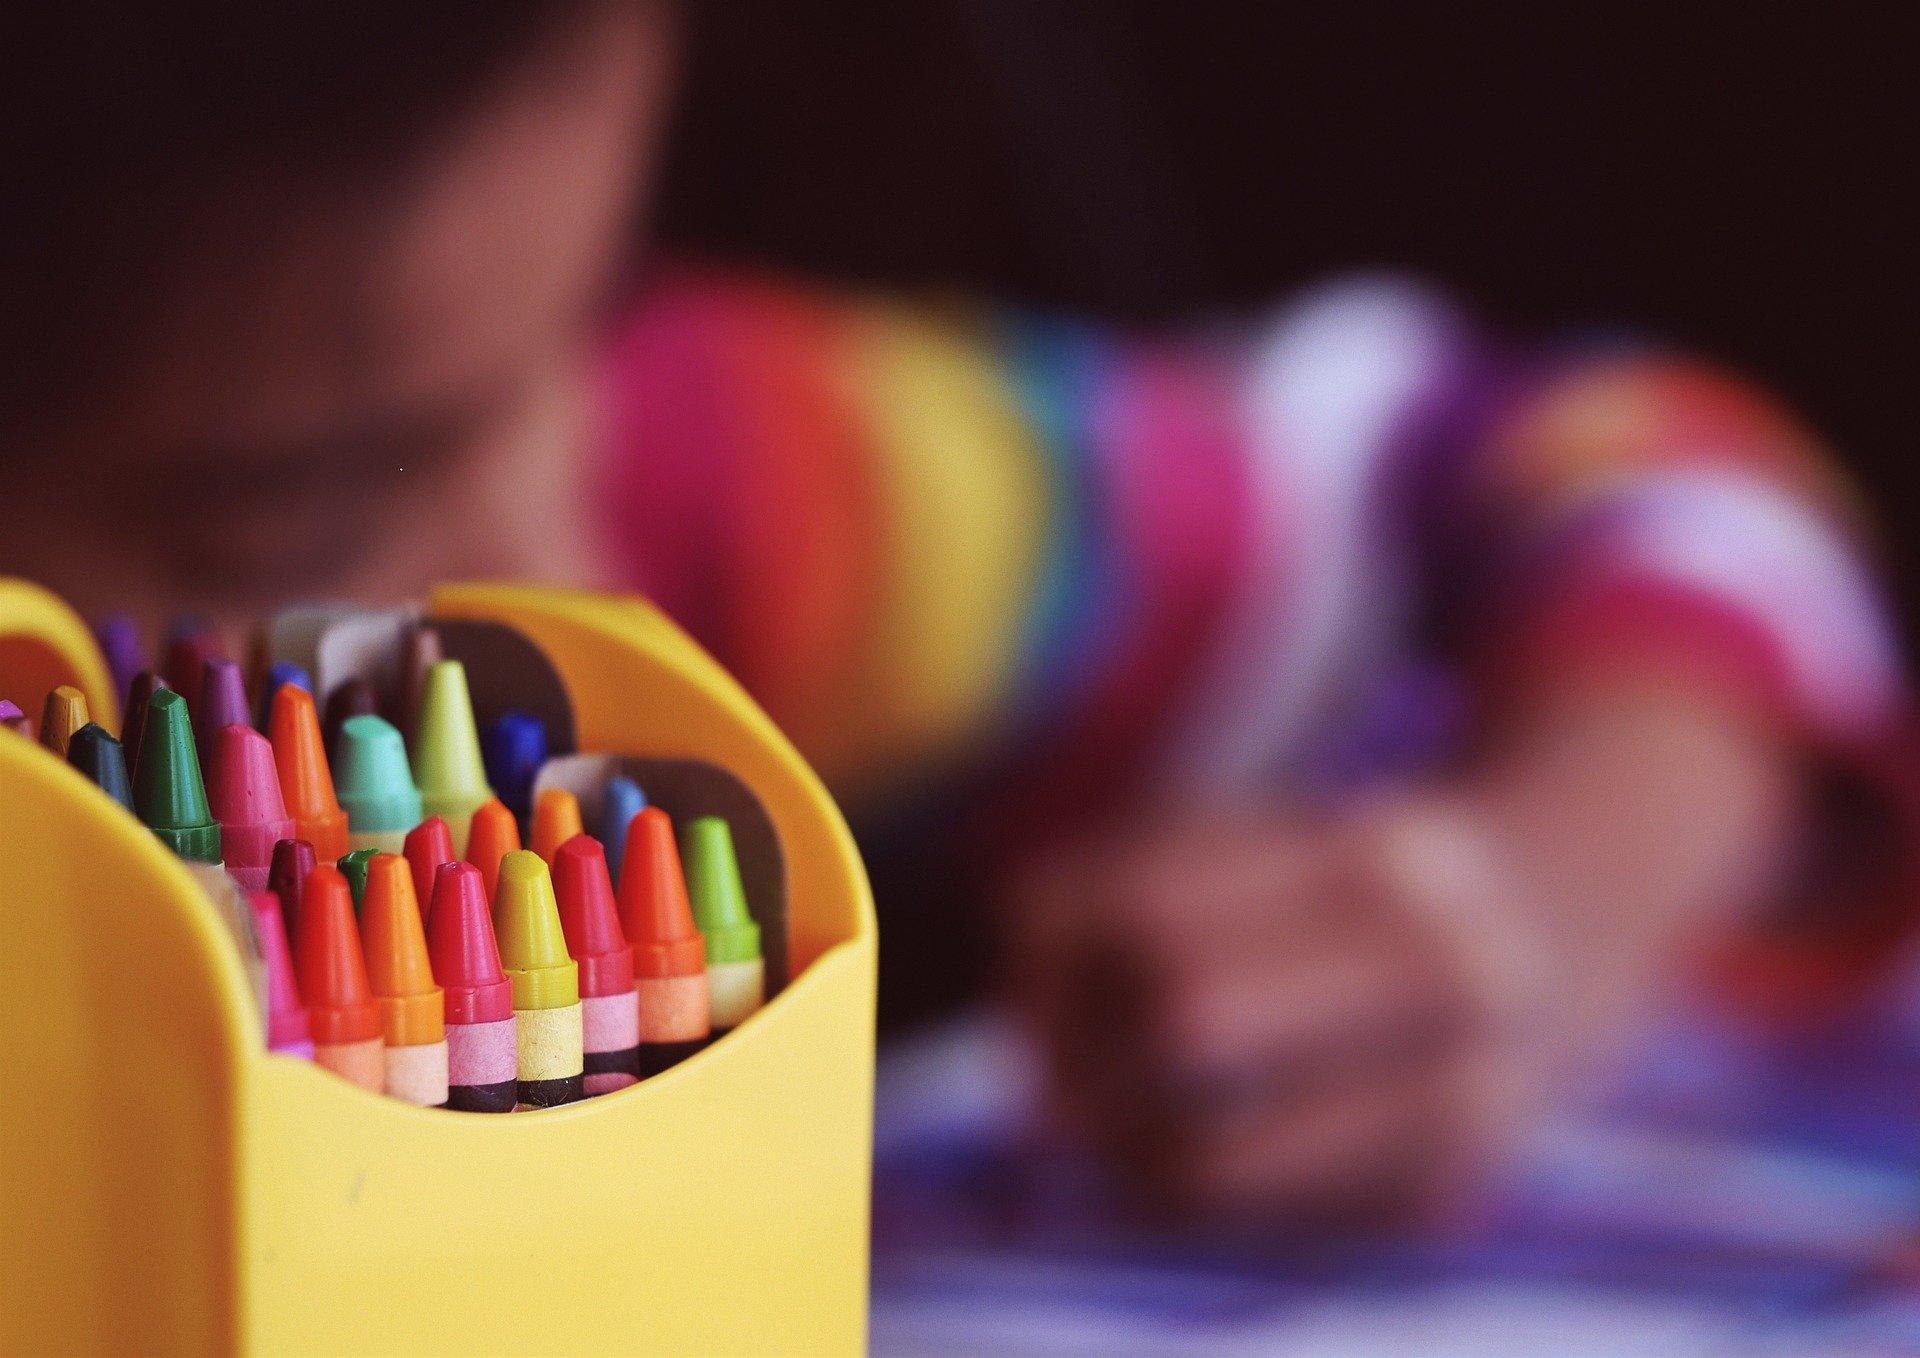 Dziecko rysujące kredkami w pokoiku dziecięcym.